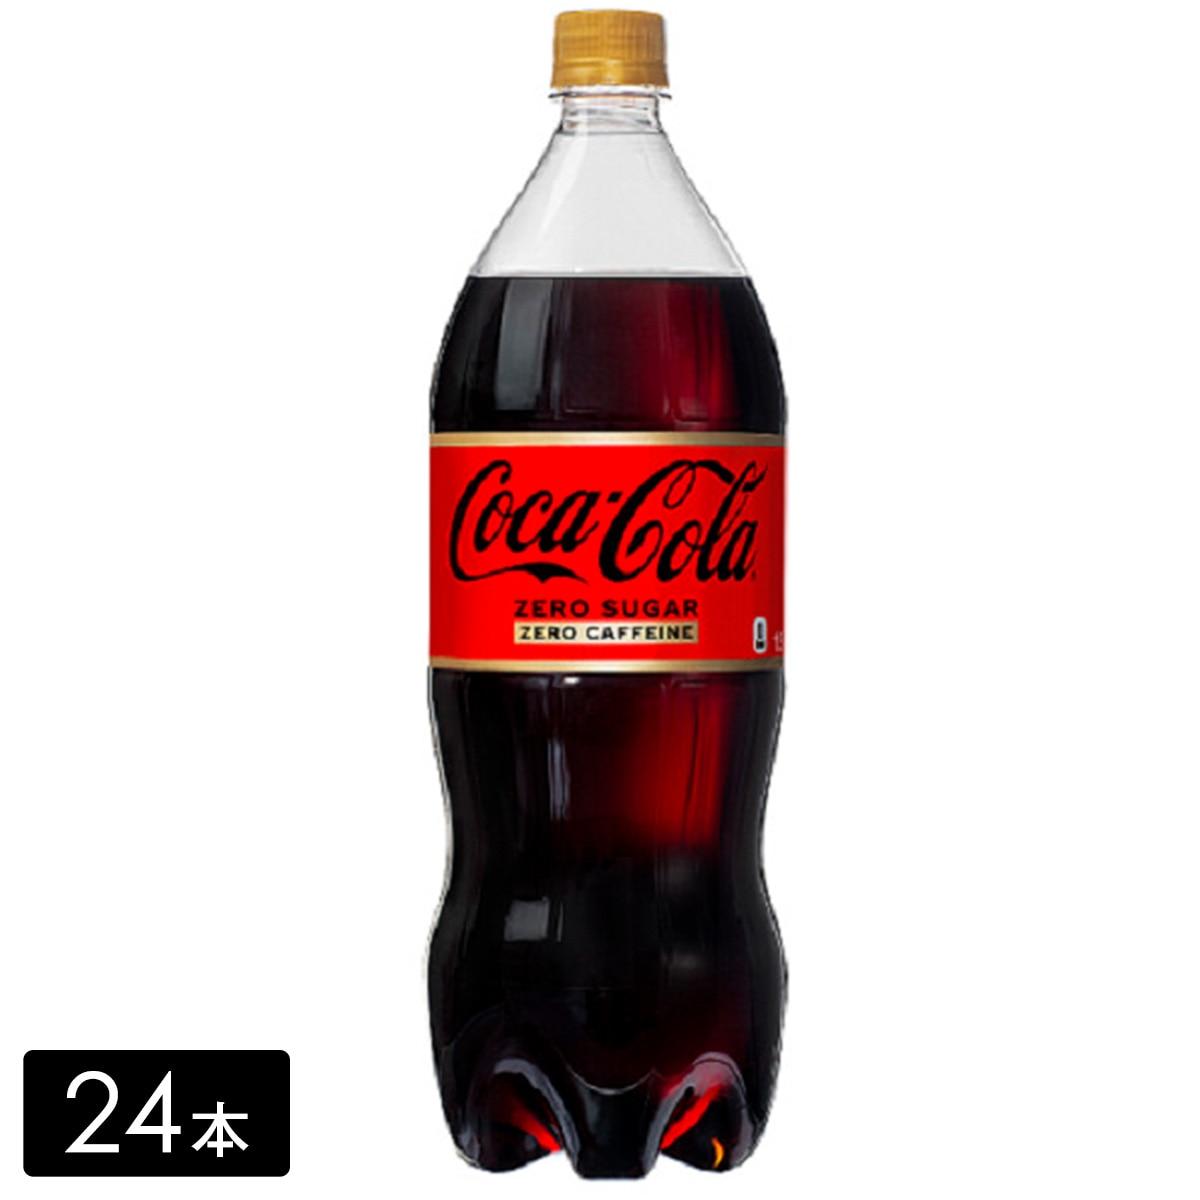 コカ・コーラボトラーズ コカ・コーラ ゼロカフェイン 1.5L×24本 52502